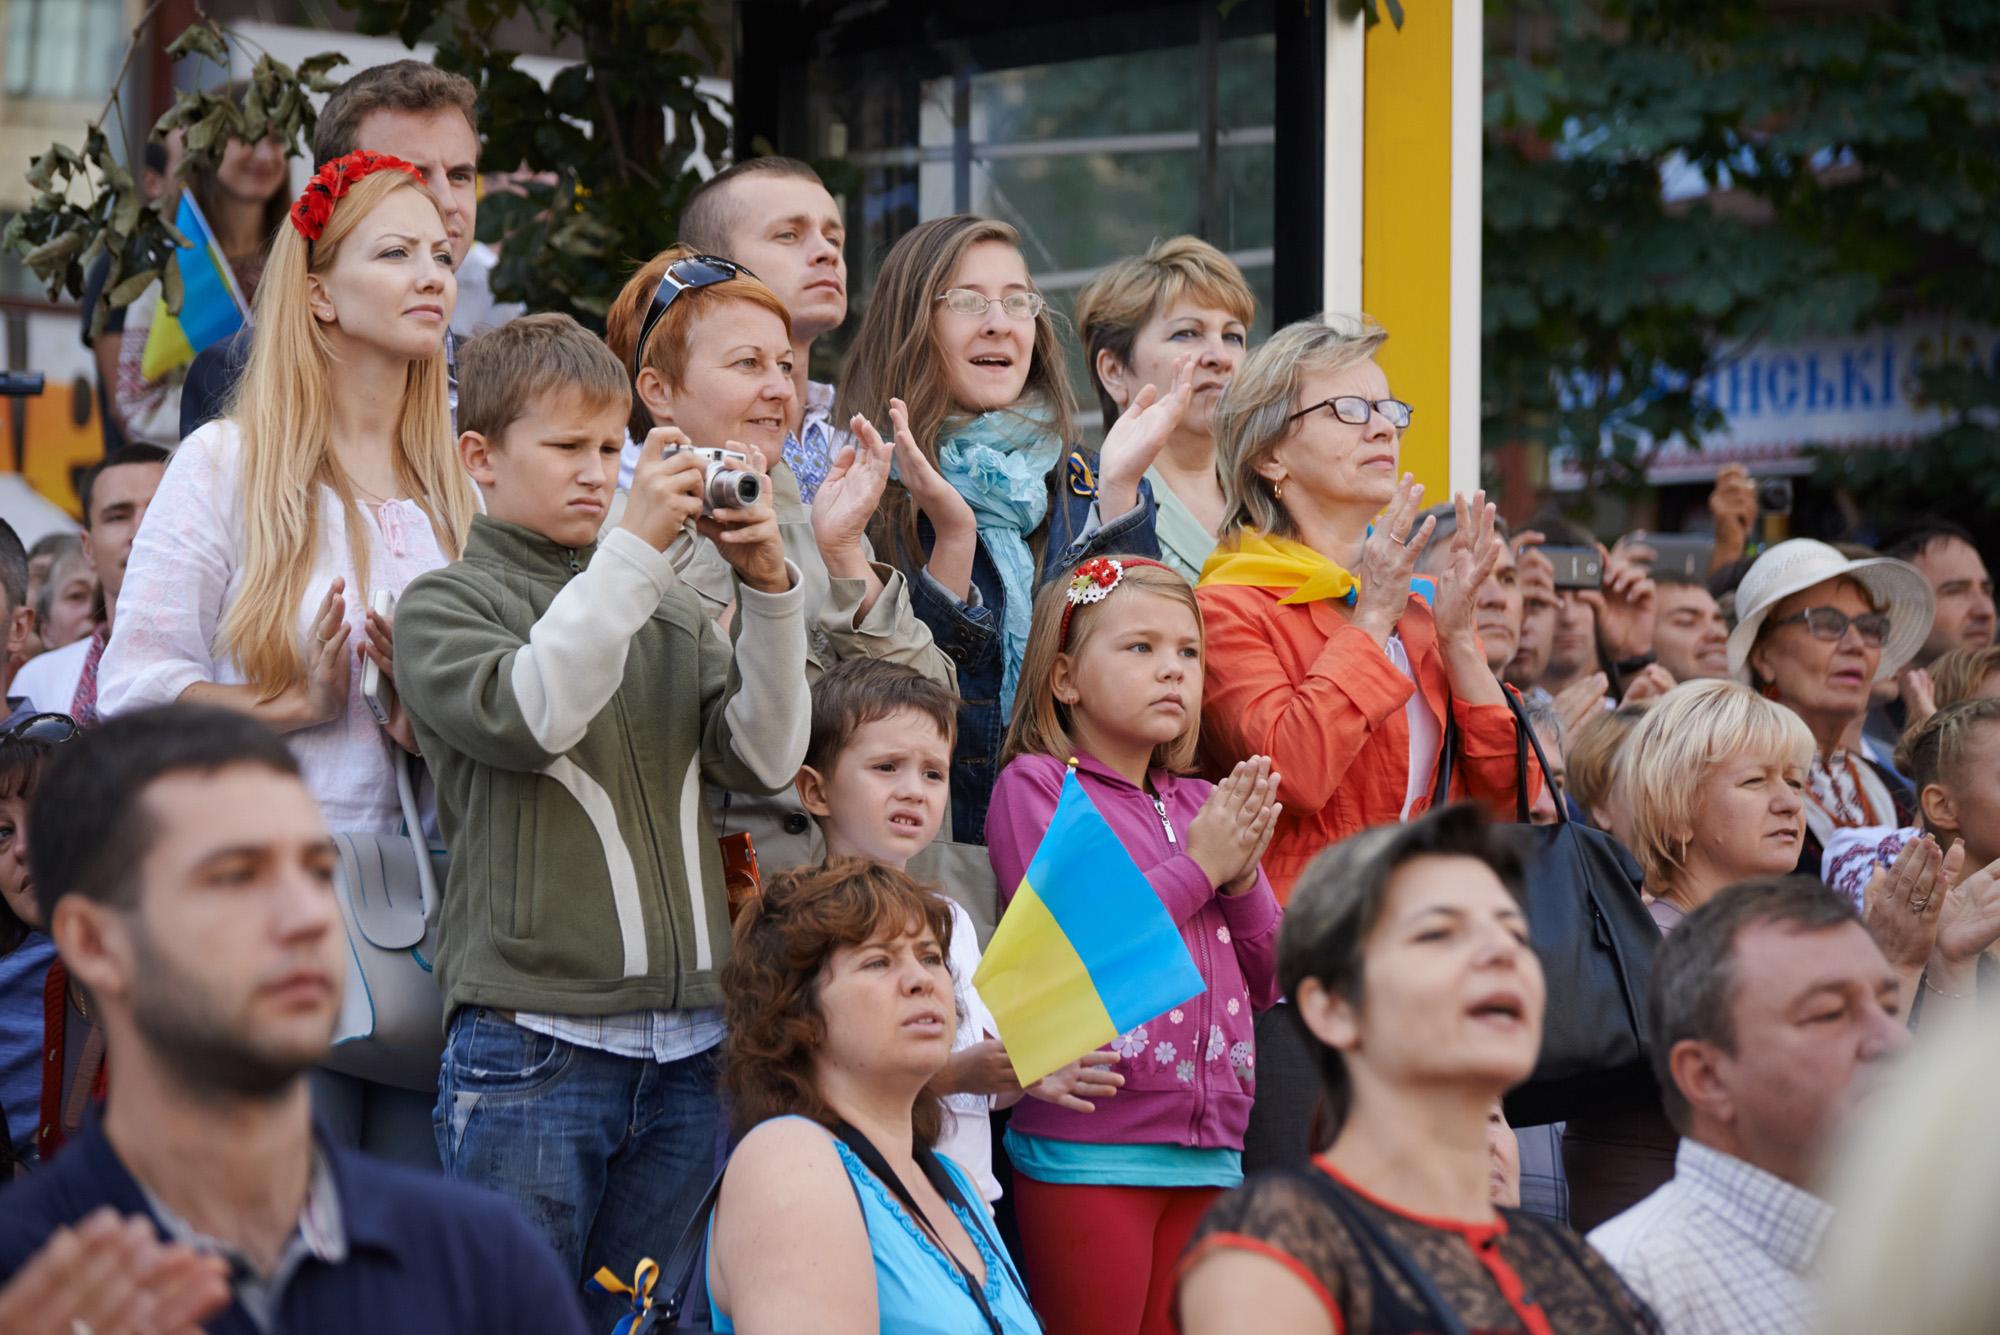 Главной эмоцией украинцев в начале лета стало разочарование, - опрос